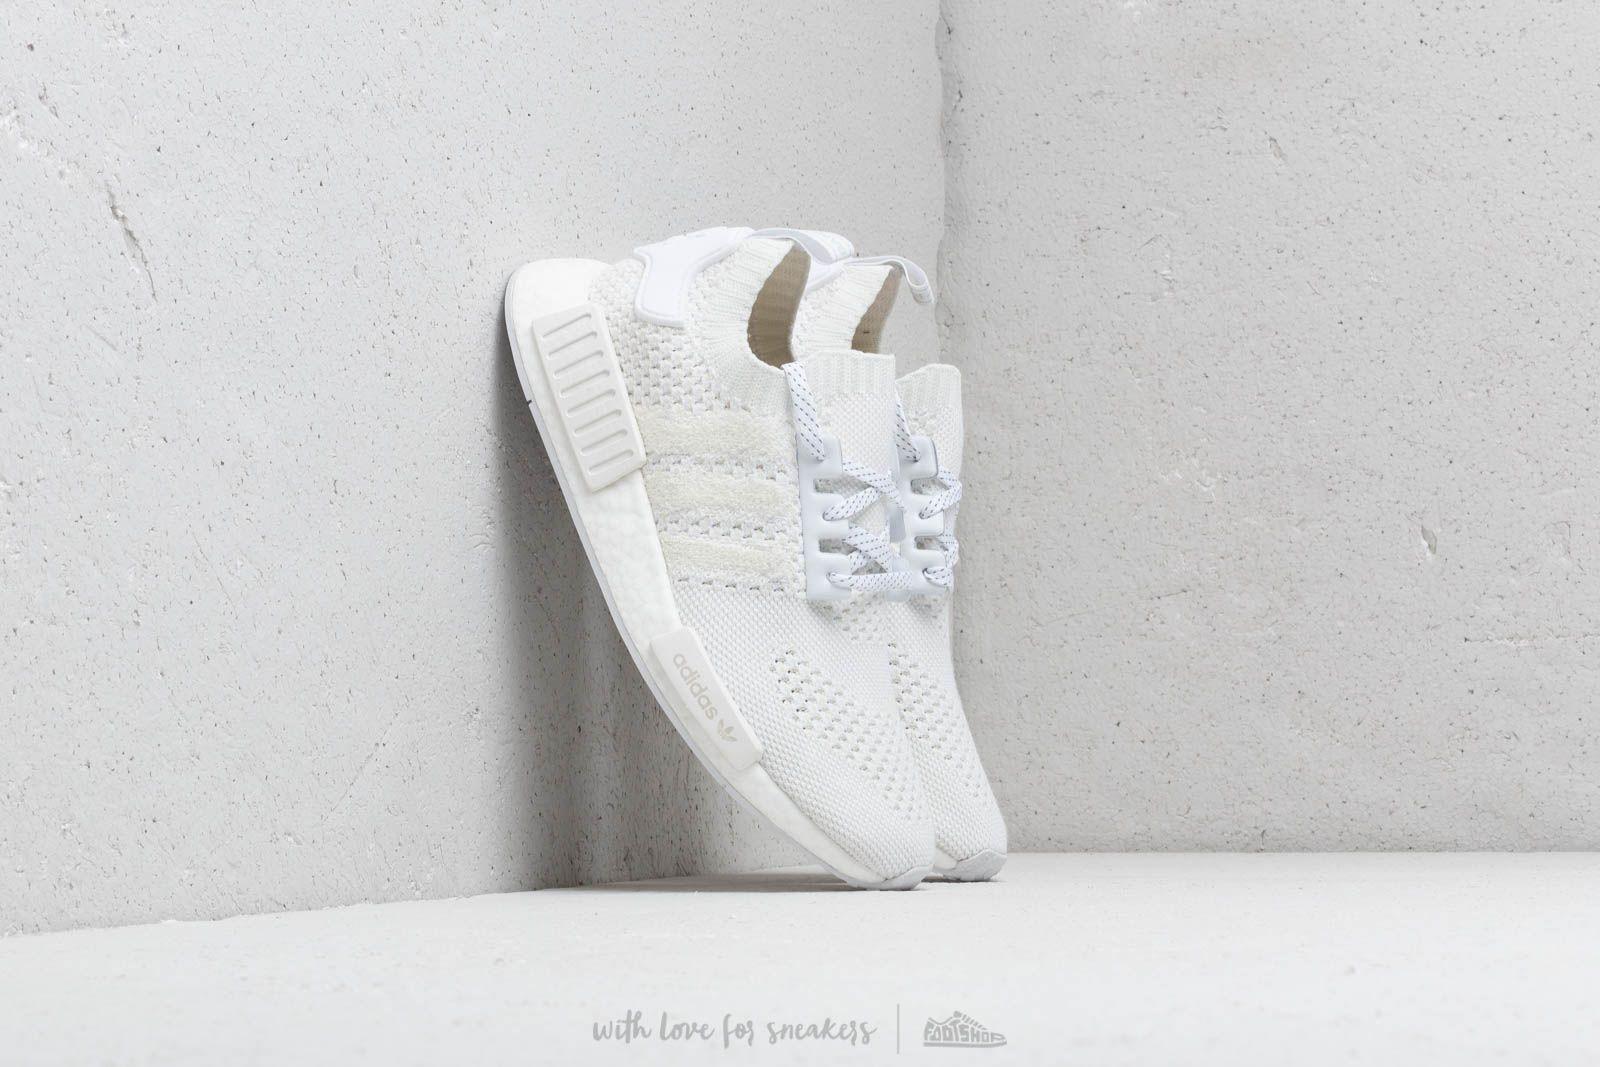 adidas NMD_R1 Primeknit Ftw White/ Ftw White/ Linen Green nagyszerű árakon 56 552 Ft vásárolj a Footshopban